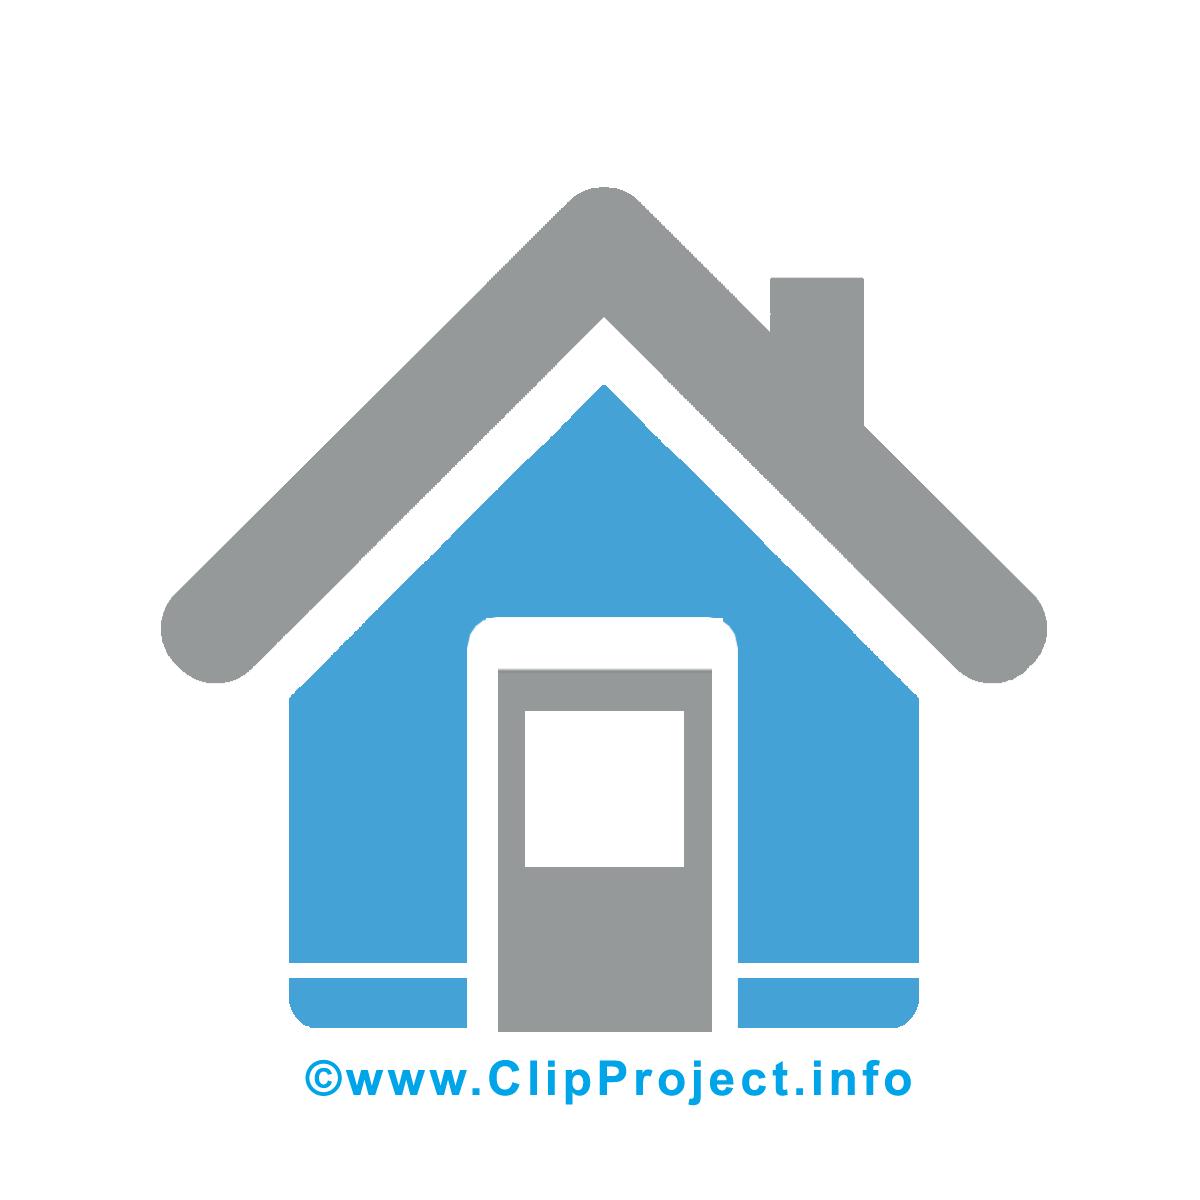 Image maison - Icône images cliparts